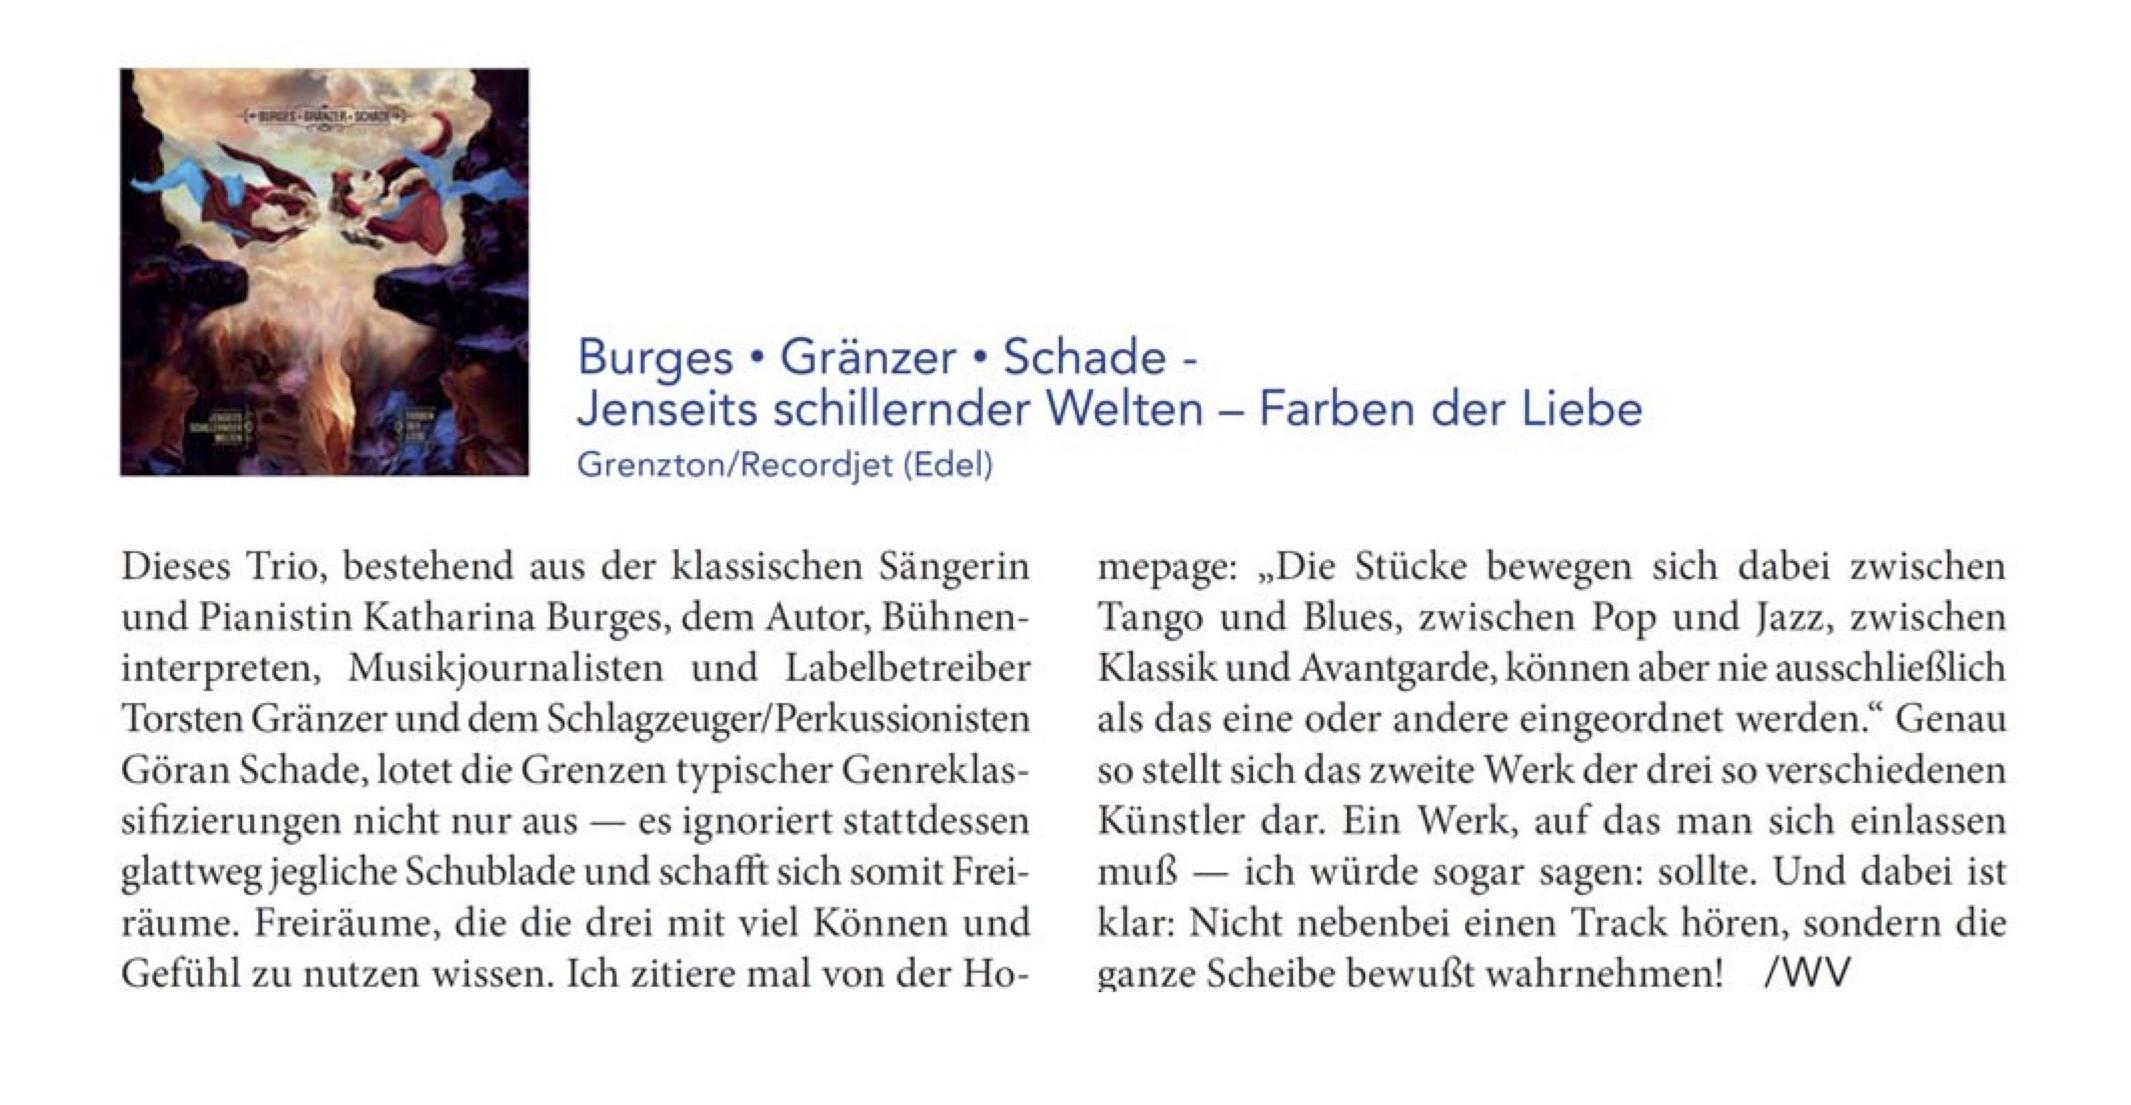 Burges Gränzer Schade_Jenseits schillernder Welten-Farben der Liebe_HiFi Stars_Rezi_März 21